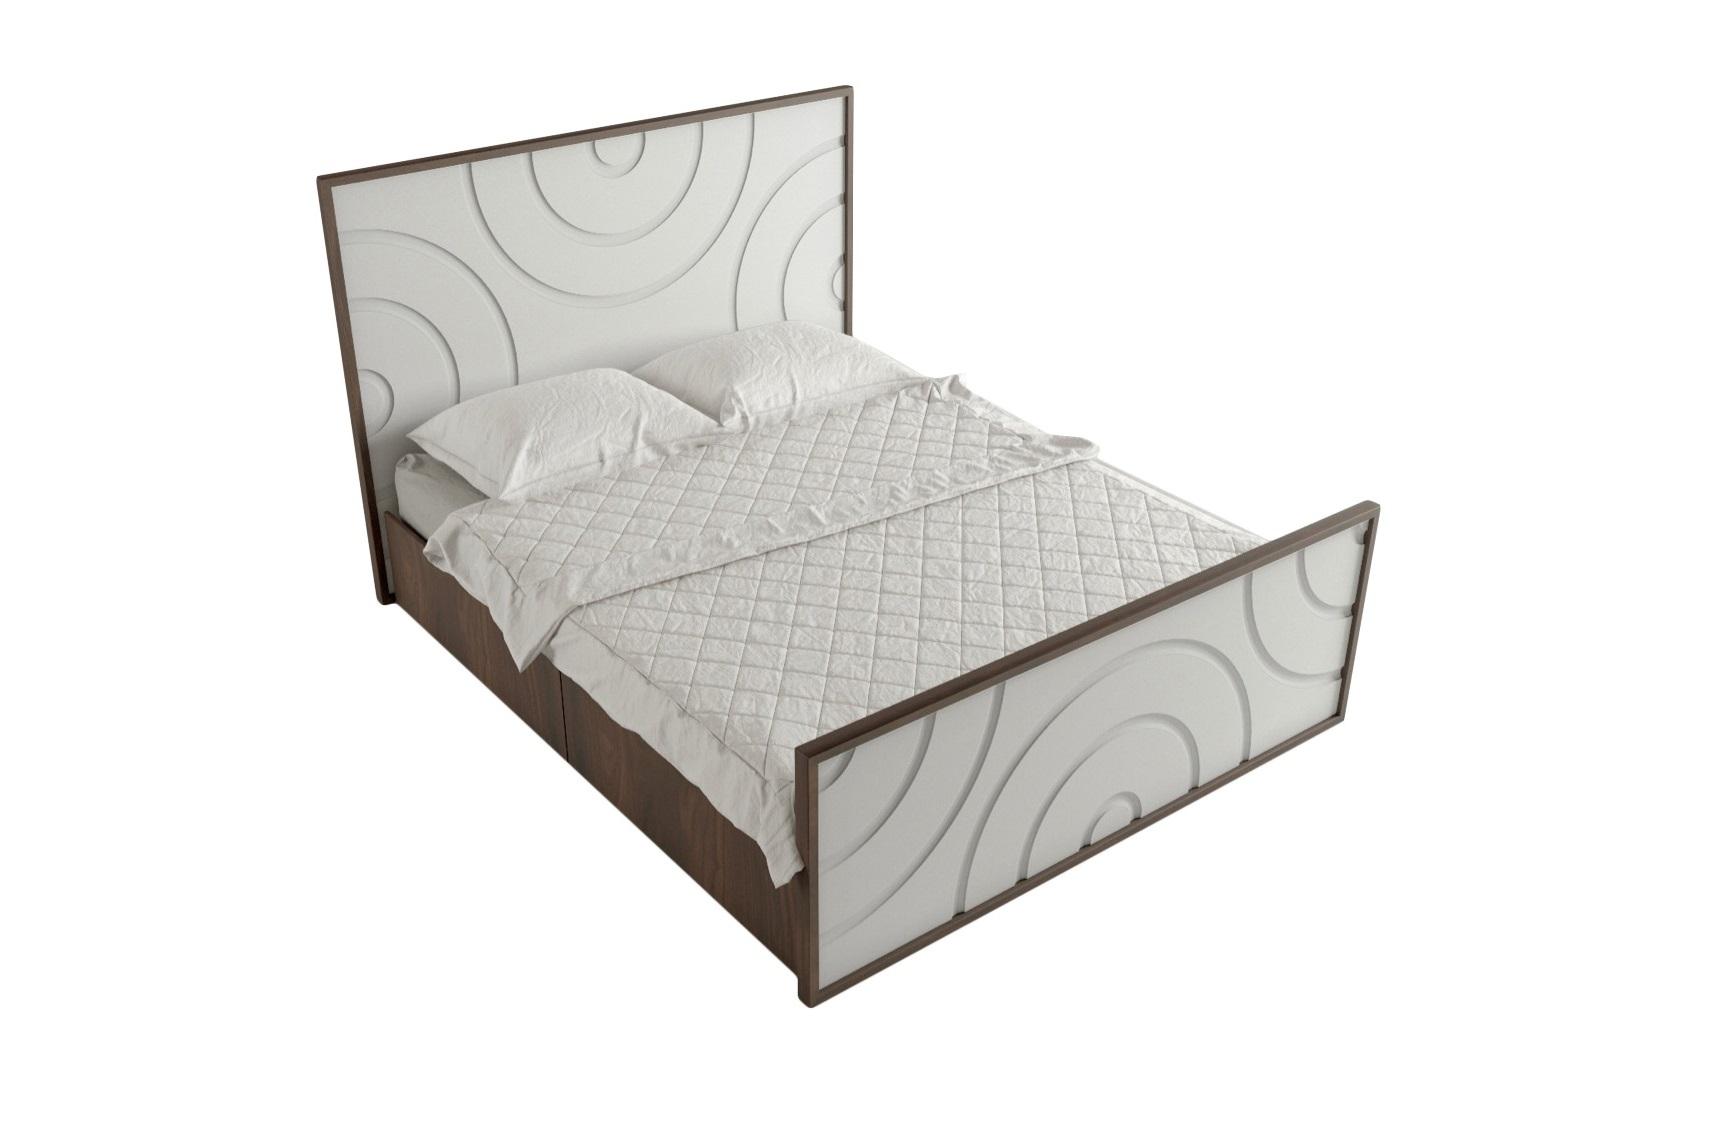 Кровать Круги на водеДеревянные кровати<br>Кровать имеет внизу 4 выдвижных ящика, покрыта натуральным шпоном<br>Выфрезерованный рисунок кругов олицетворяет падение капли и расходящие от нее круги<br>Матрас, постельное белье и подушки в стоимость не входят&amp;amp;nbsp;&amp;lt;div&amp;gt;&amp;lt;br&amp;gt;&amp;lt;/div&amp;gt;&amp;lt;div&amp;gt;Размер спального места: 200см на 160см&amp;amp;nbsp;&amp;lt;/div&amp;gt;&amp;lt;div&amp;gt;Материал: МДФ, шпон<br>Установка не требуется&amp;lt;/div&amp;gt;<br><br>Material: МДФ<br>Ширина см: 174.0<br>Высота см: 120.0<br>Глубина см: 209.0